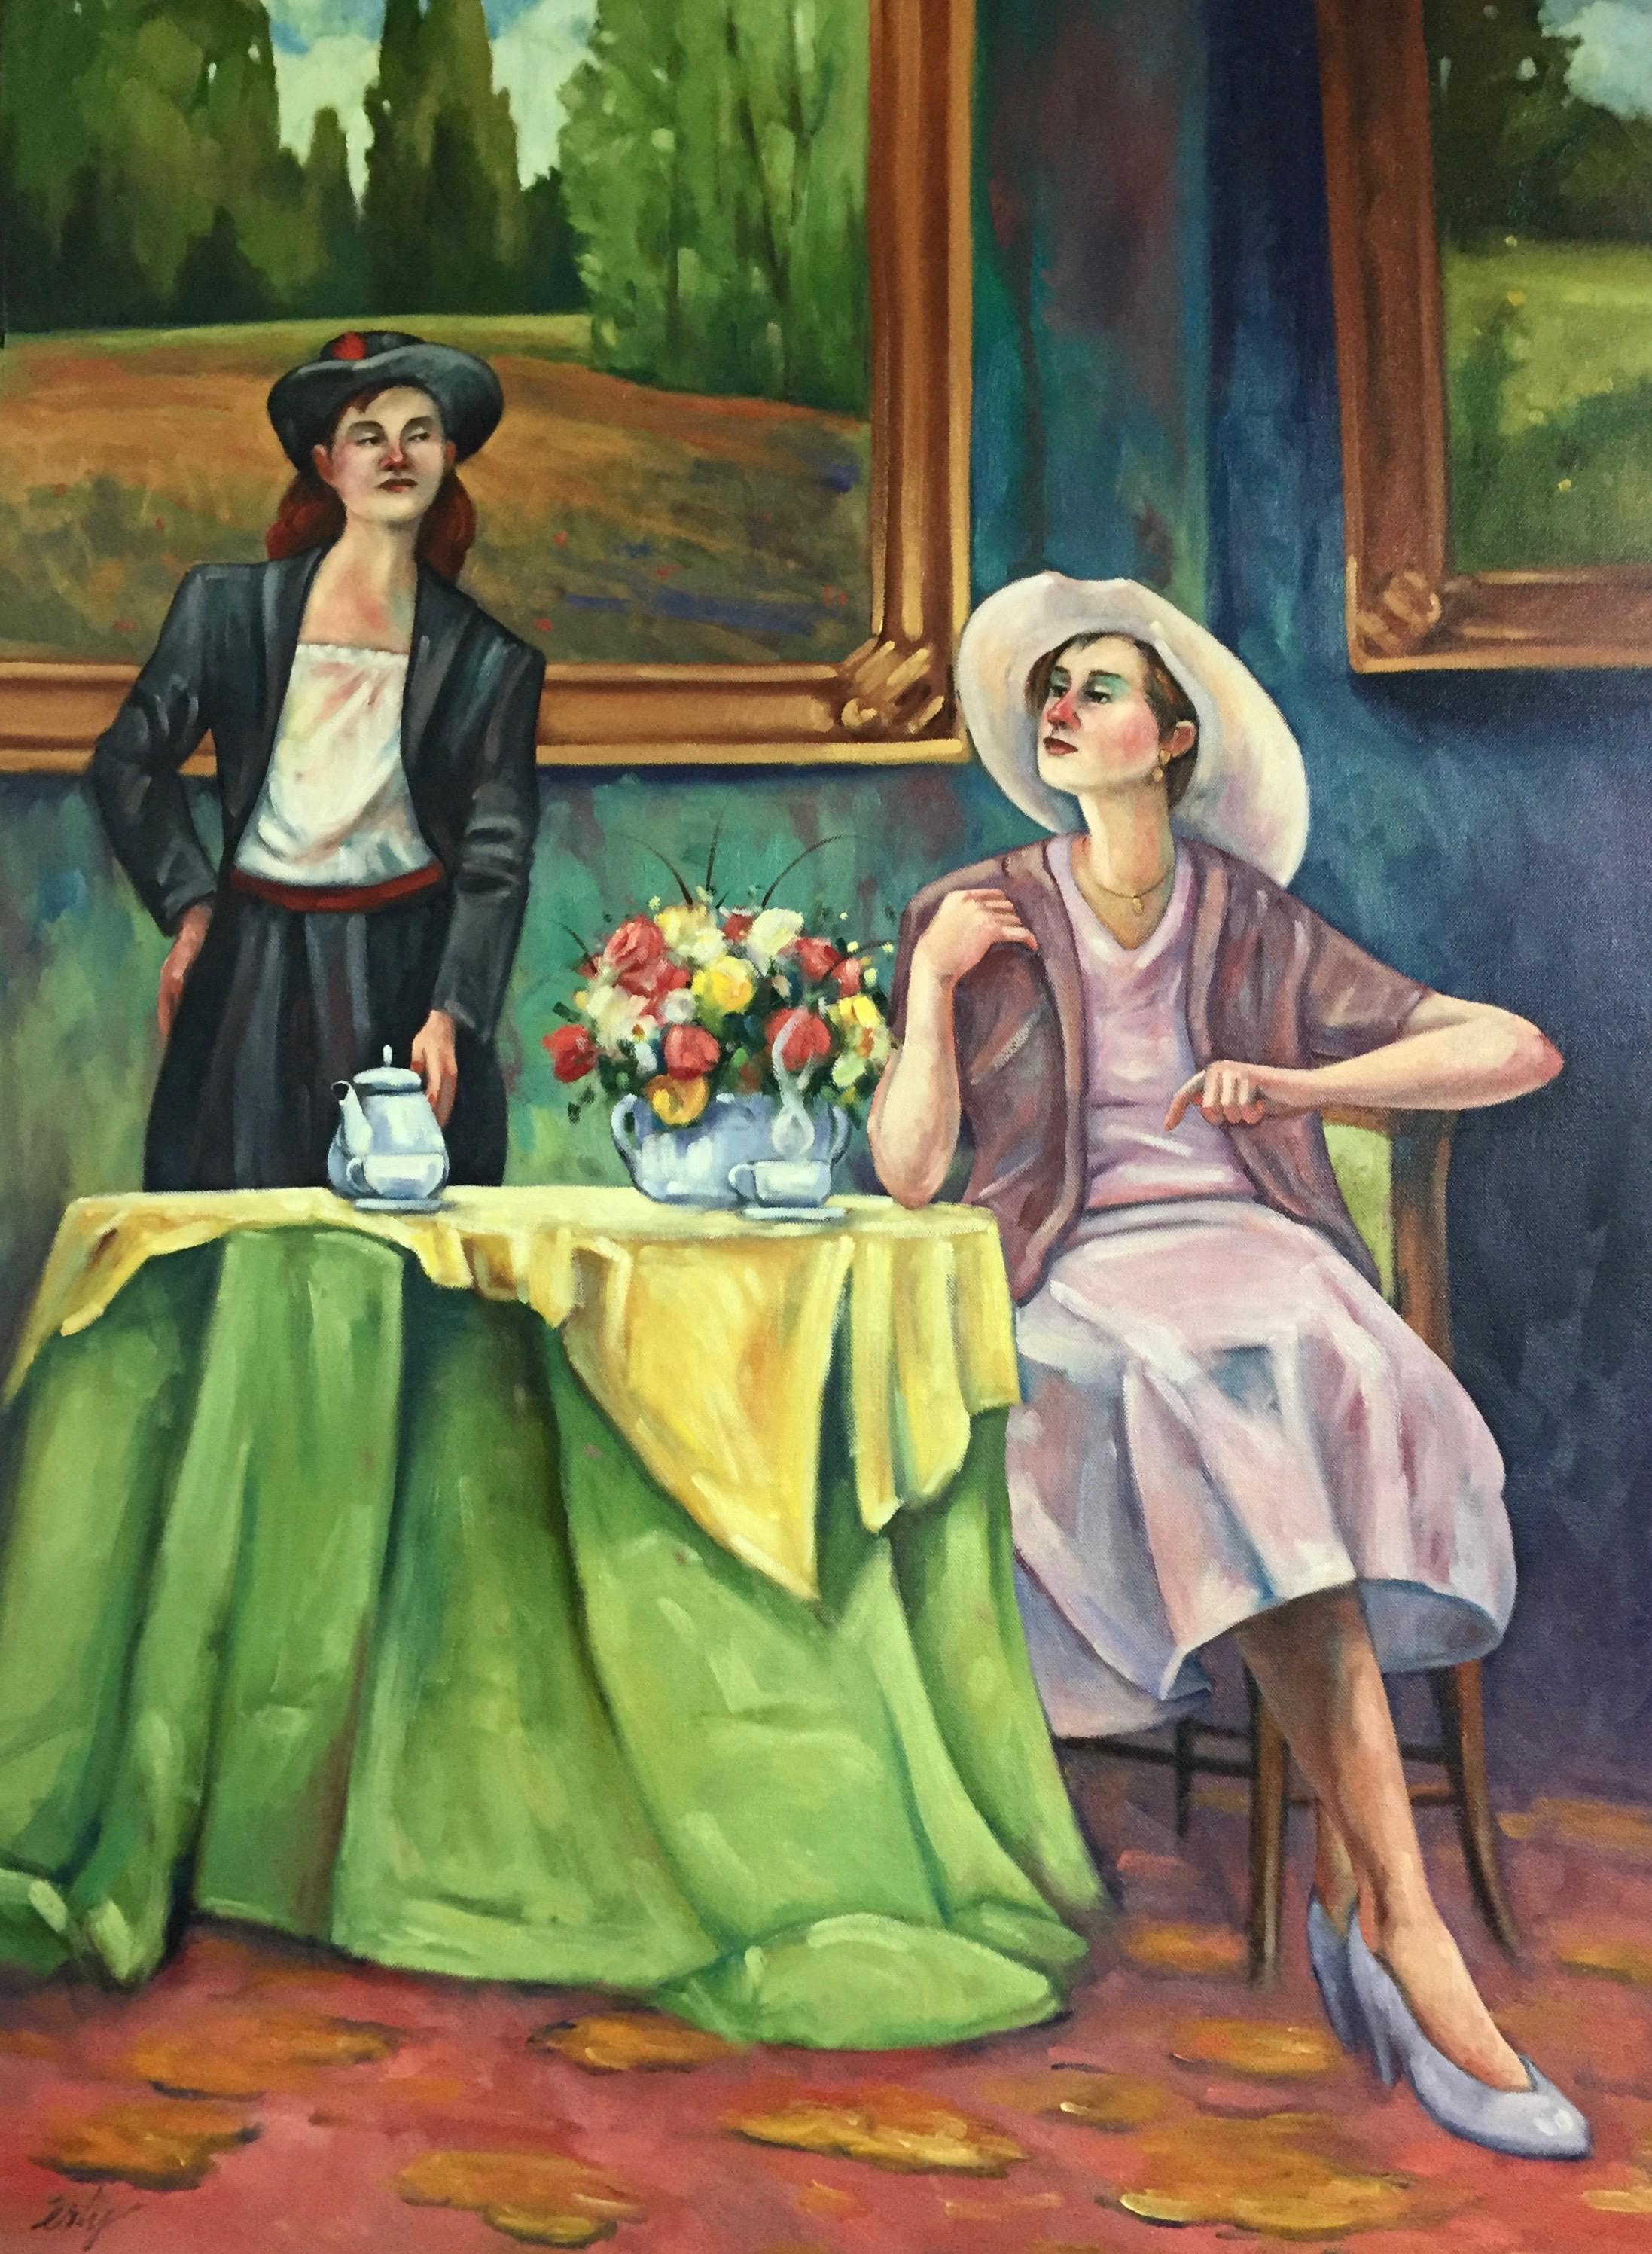 oil-painting-wayne-epperly-red-nose-women-fine-art-IMG_1824.jpg